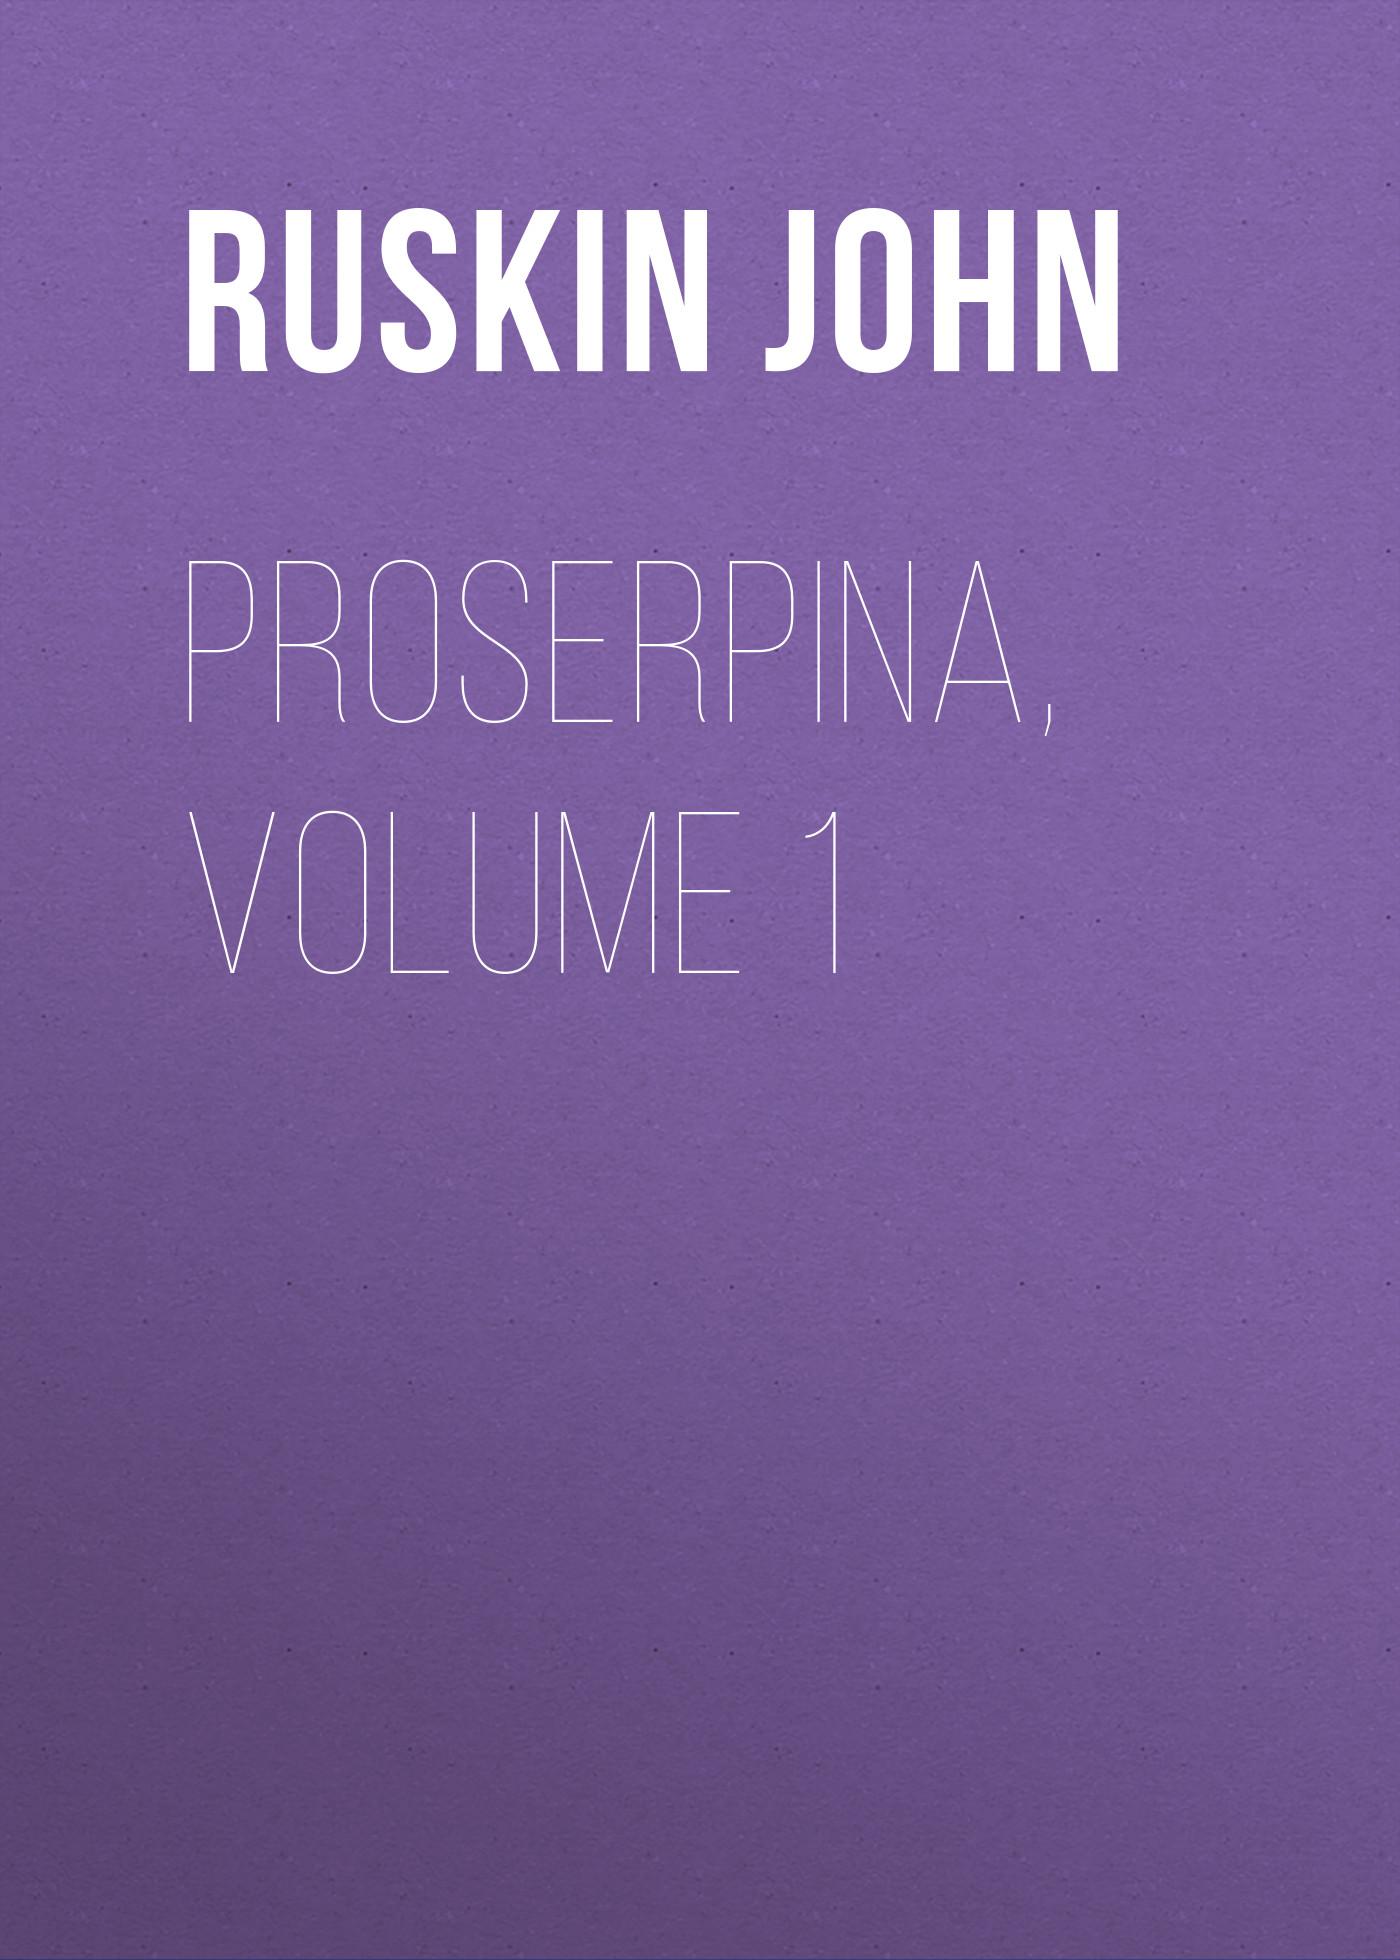 Ruskin John Proserpina, Volume 1 john ruskin ruskin on pictures a collection of criticisms by john ruskin not volume 1